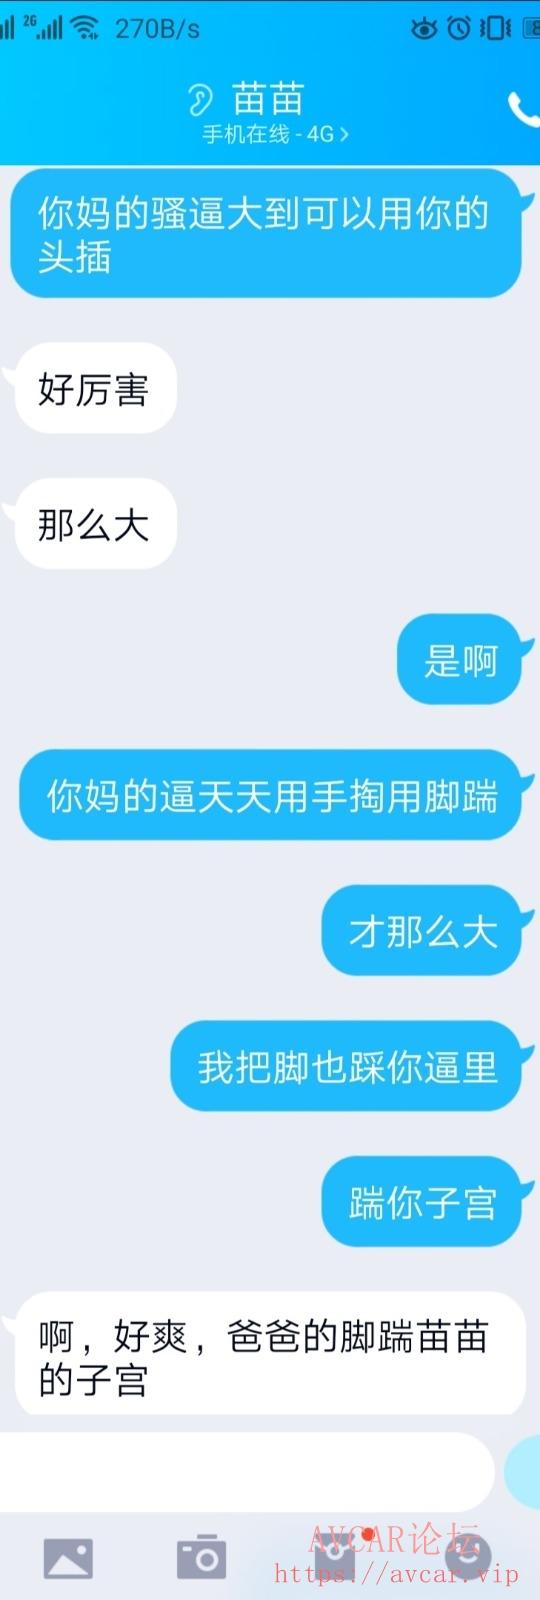 Screenshot_20210504_083135.jpg